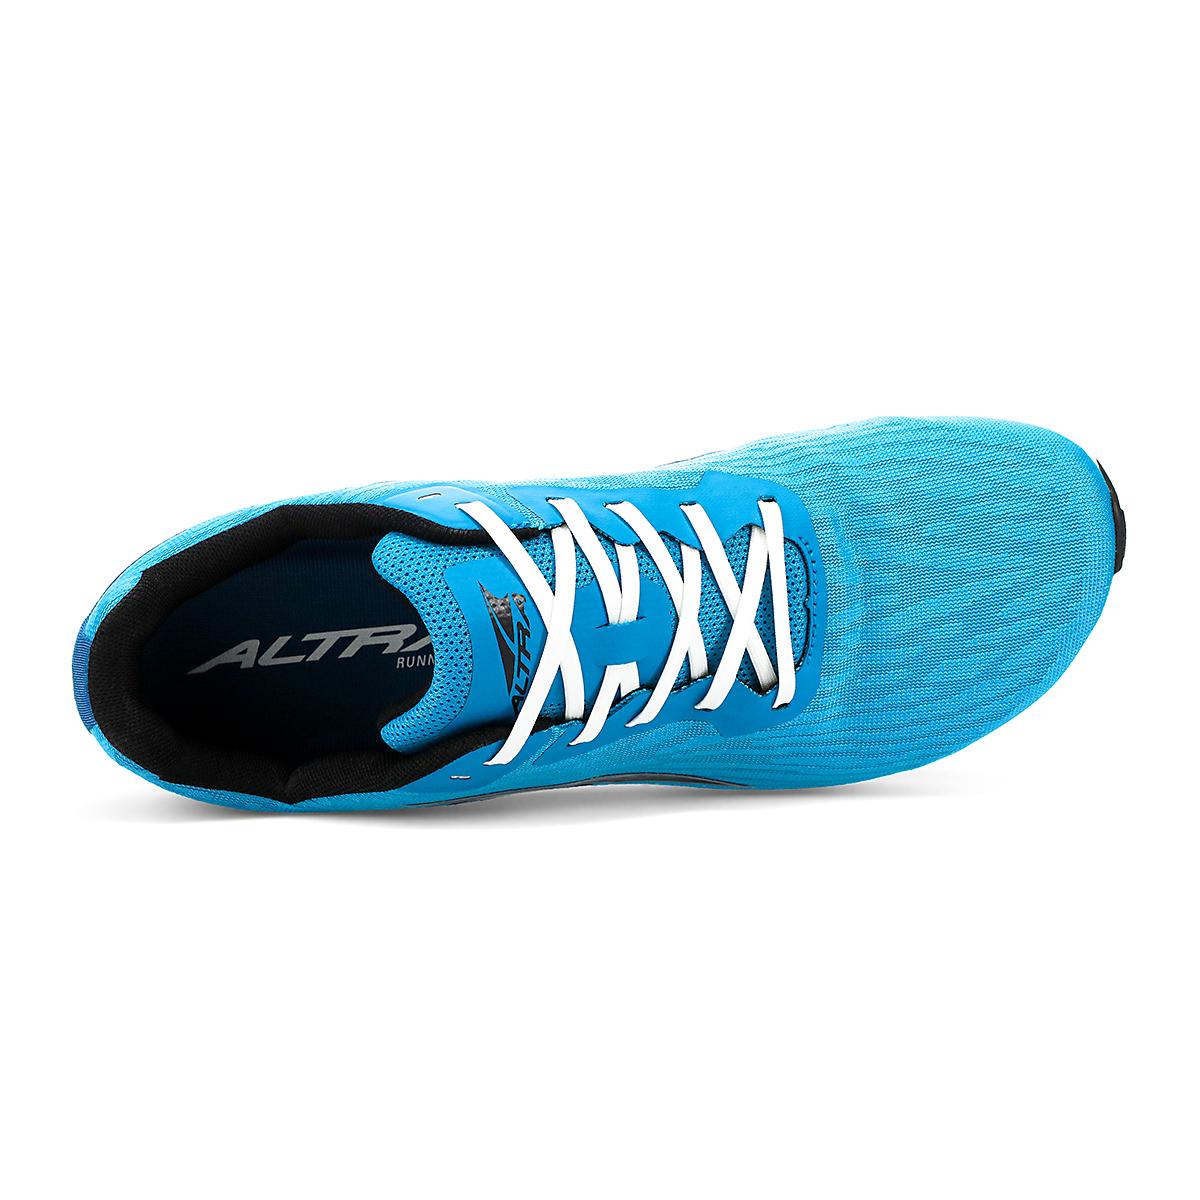 Men's Altra Rivera Running Shoe - Color: Light Blue - Size: 7 - Width: Regular, Light Blue, large, image 3